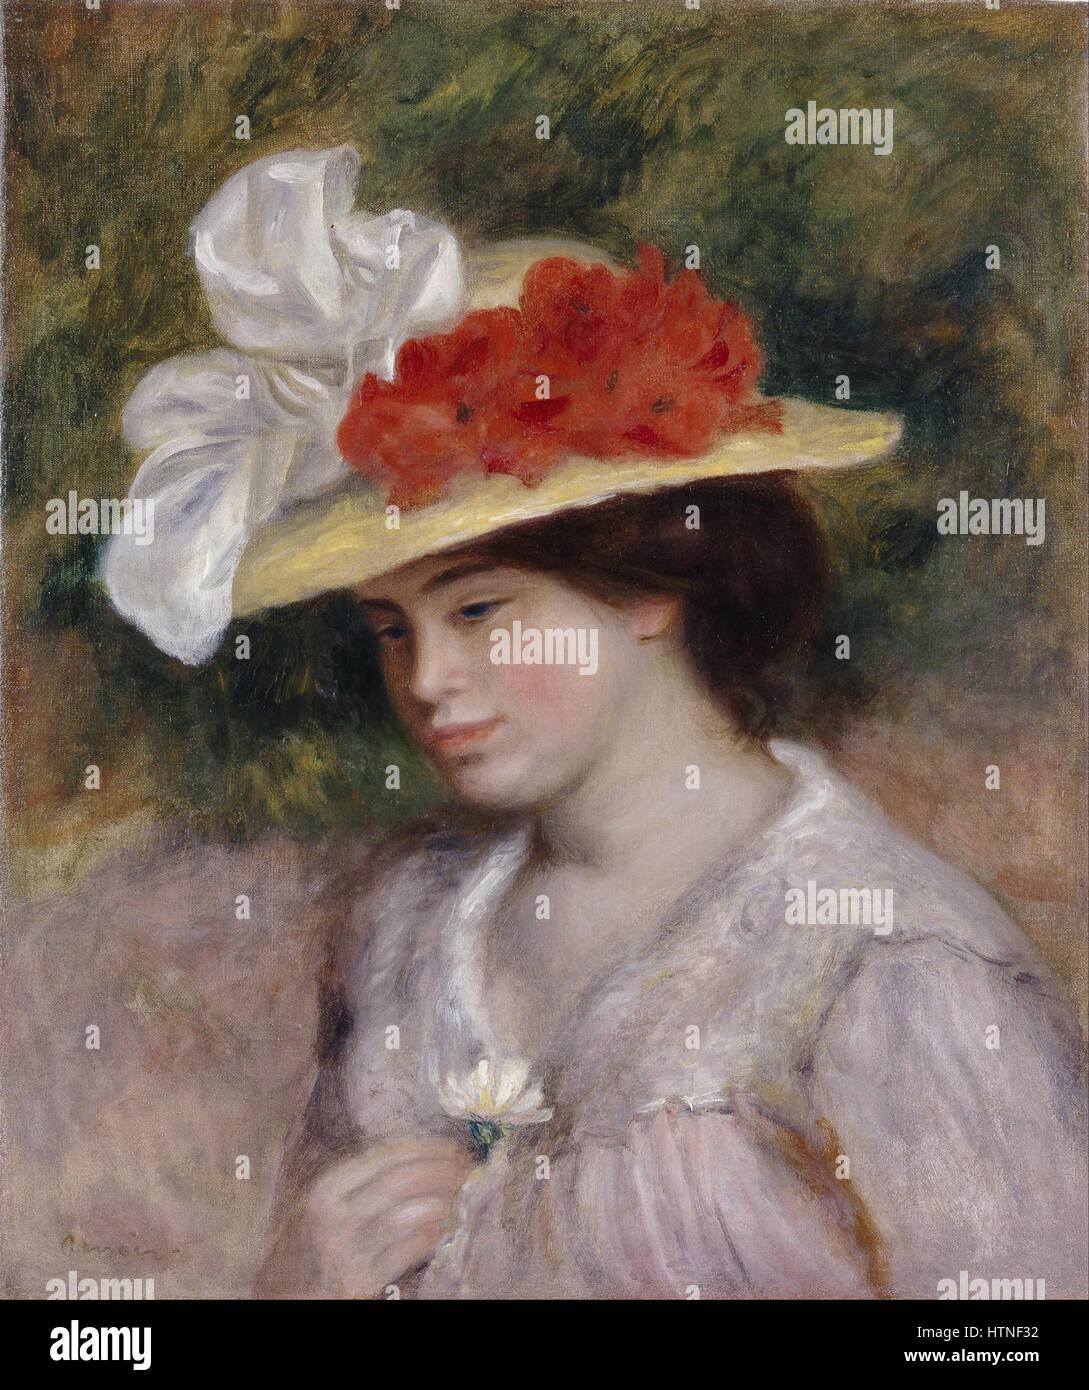 Pierre Auguste Renoir - Mujer con sombrero de flores - Proyecto de arte de  Google Imagen 93c65bcd3df4